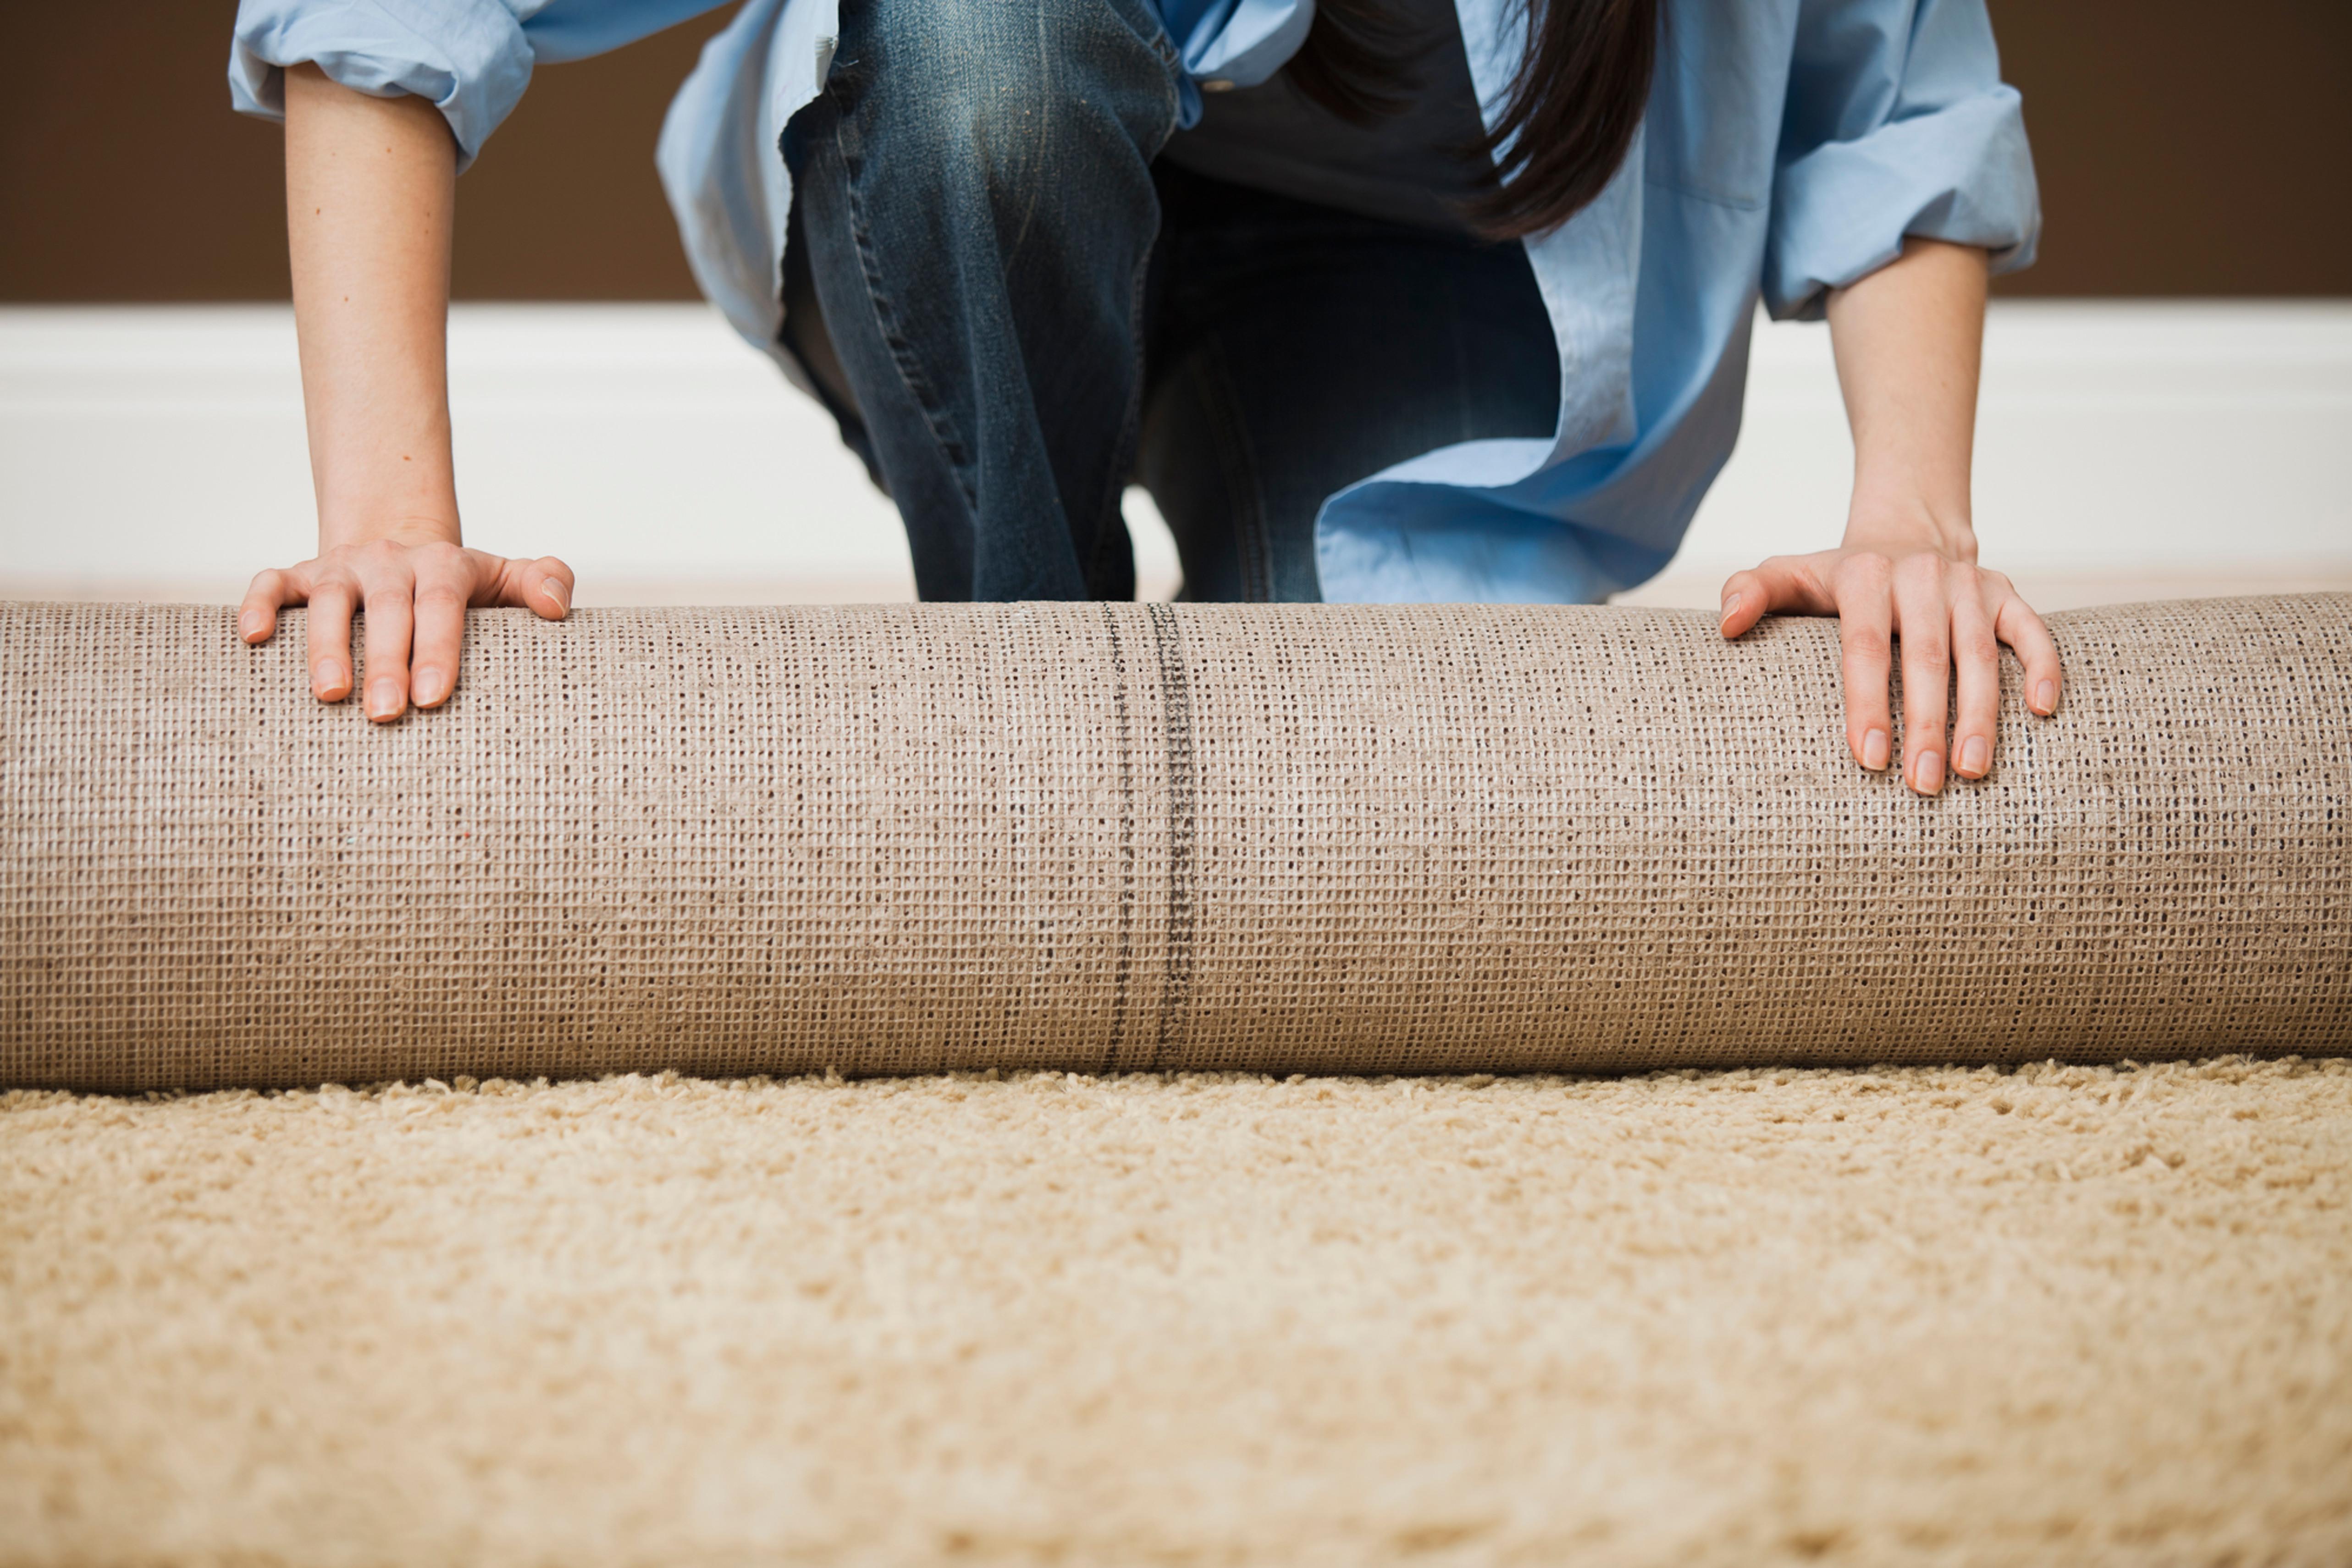 Carpet Installation/Removal